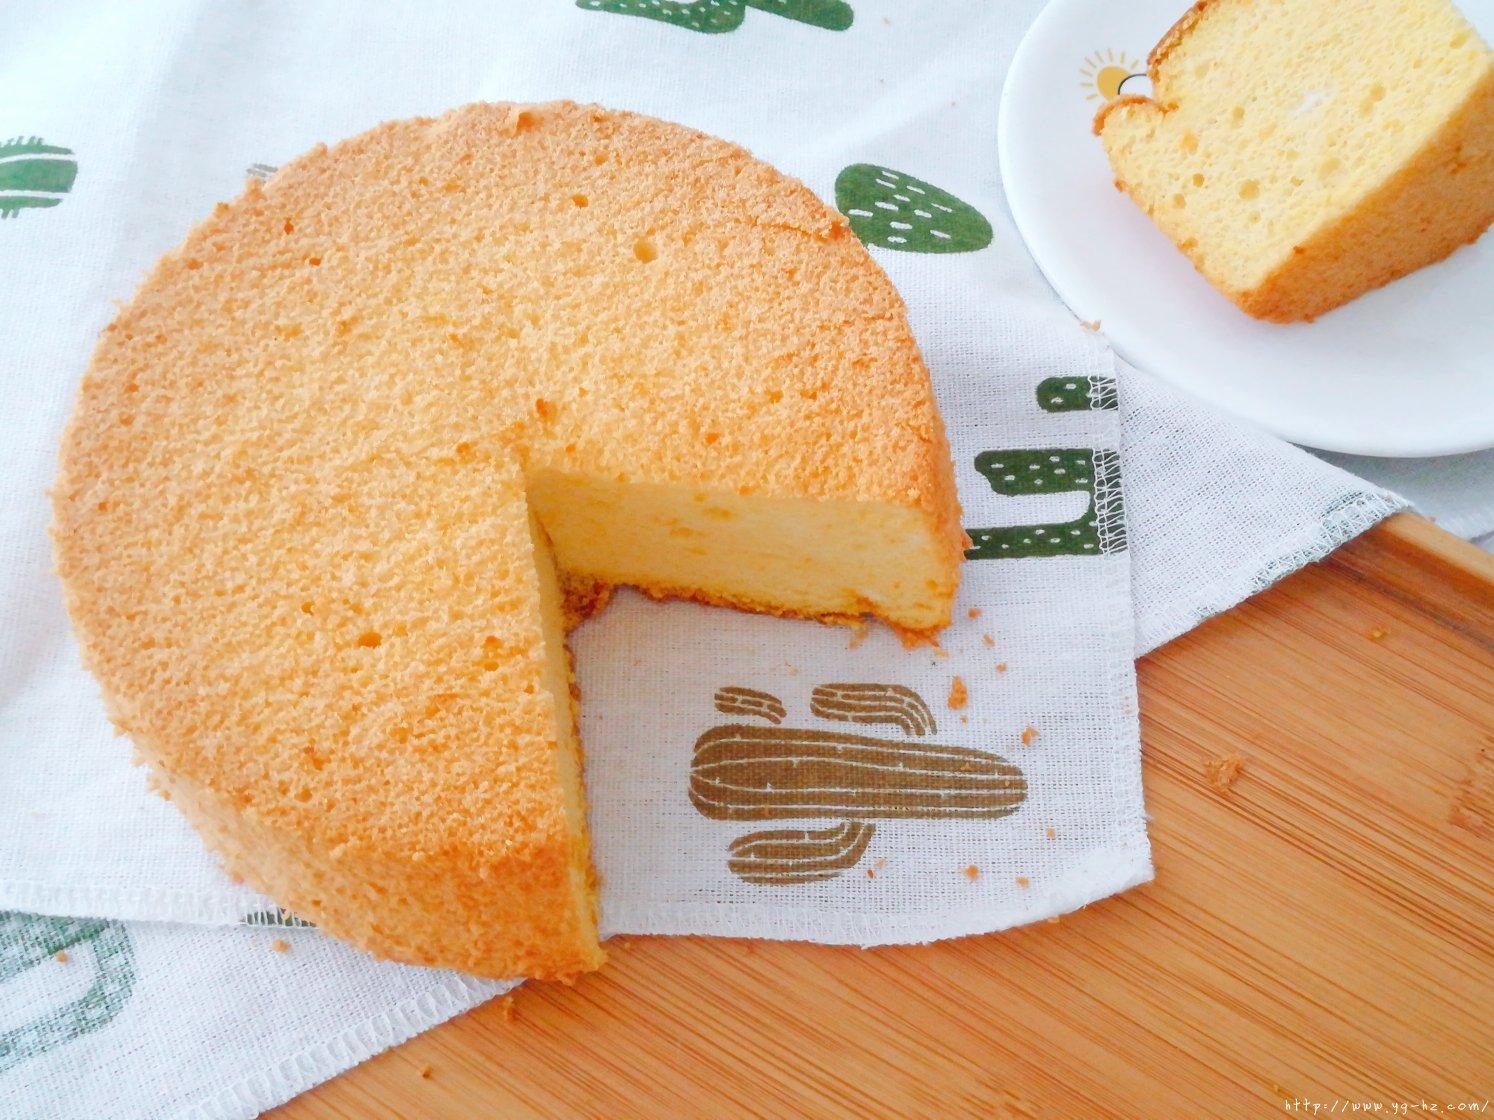 6寸南瓜戚风蛋糕,少糖少油版的做法 步骤16